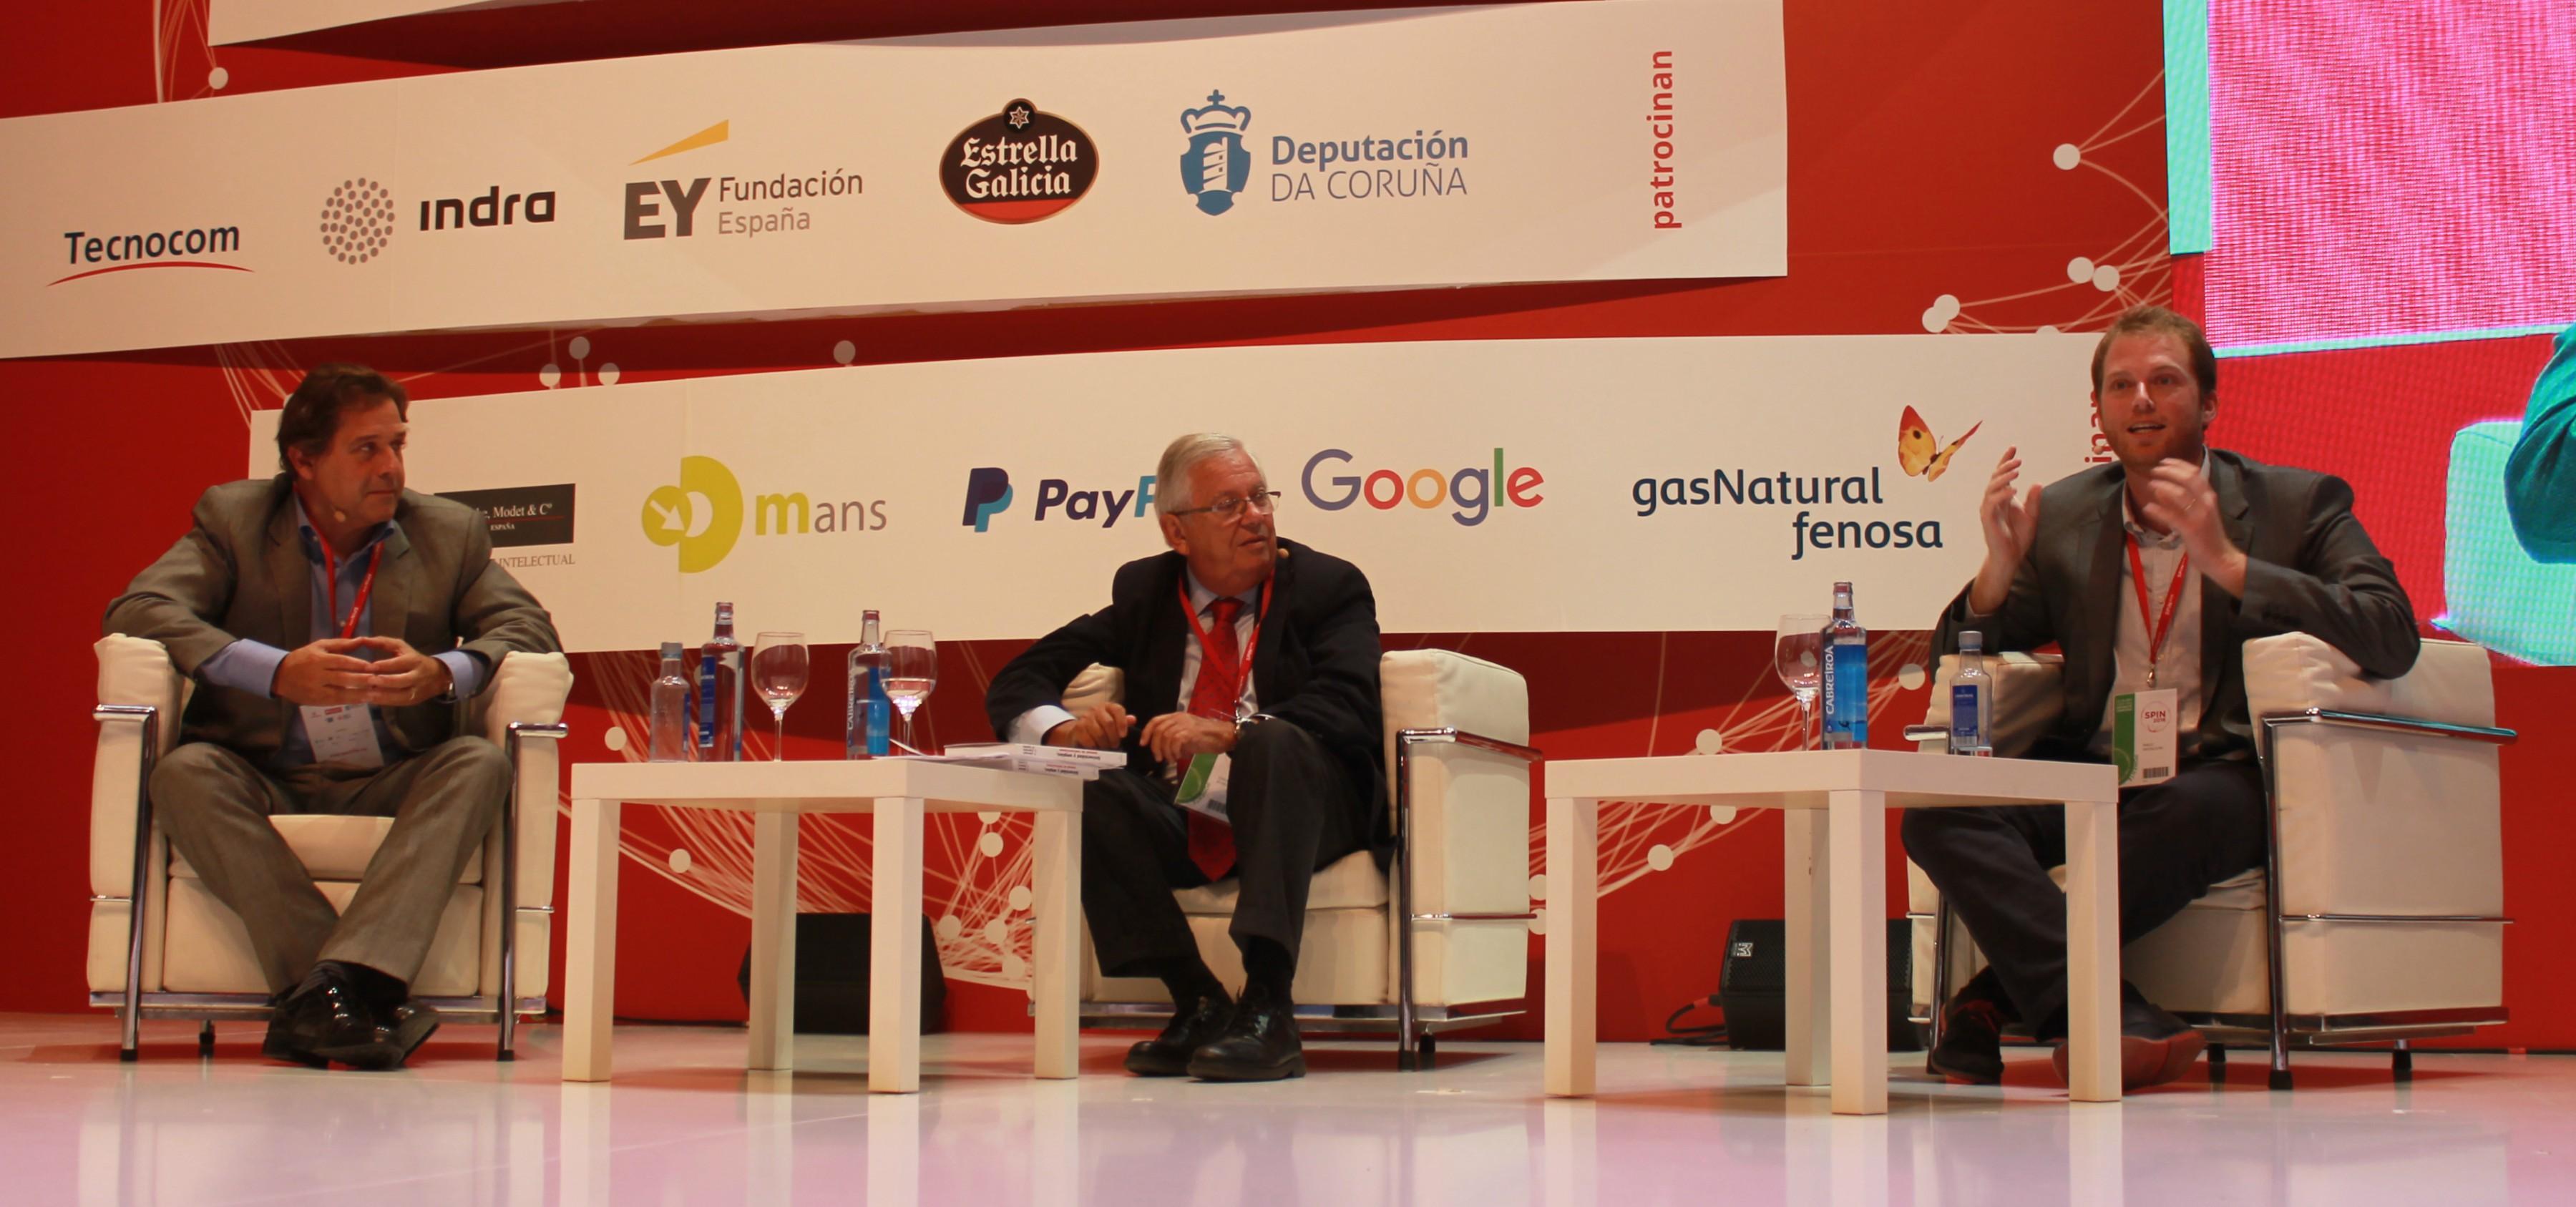 A la izquierda, el  consejero delegado de Hijos de Rivera, Ignacio Rivera; y en el centro el escritor y periodista Fernado Jáuregui, durante la charla que compartieron en el SPIN 2016